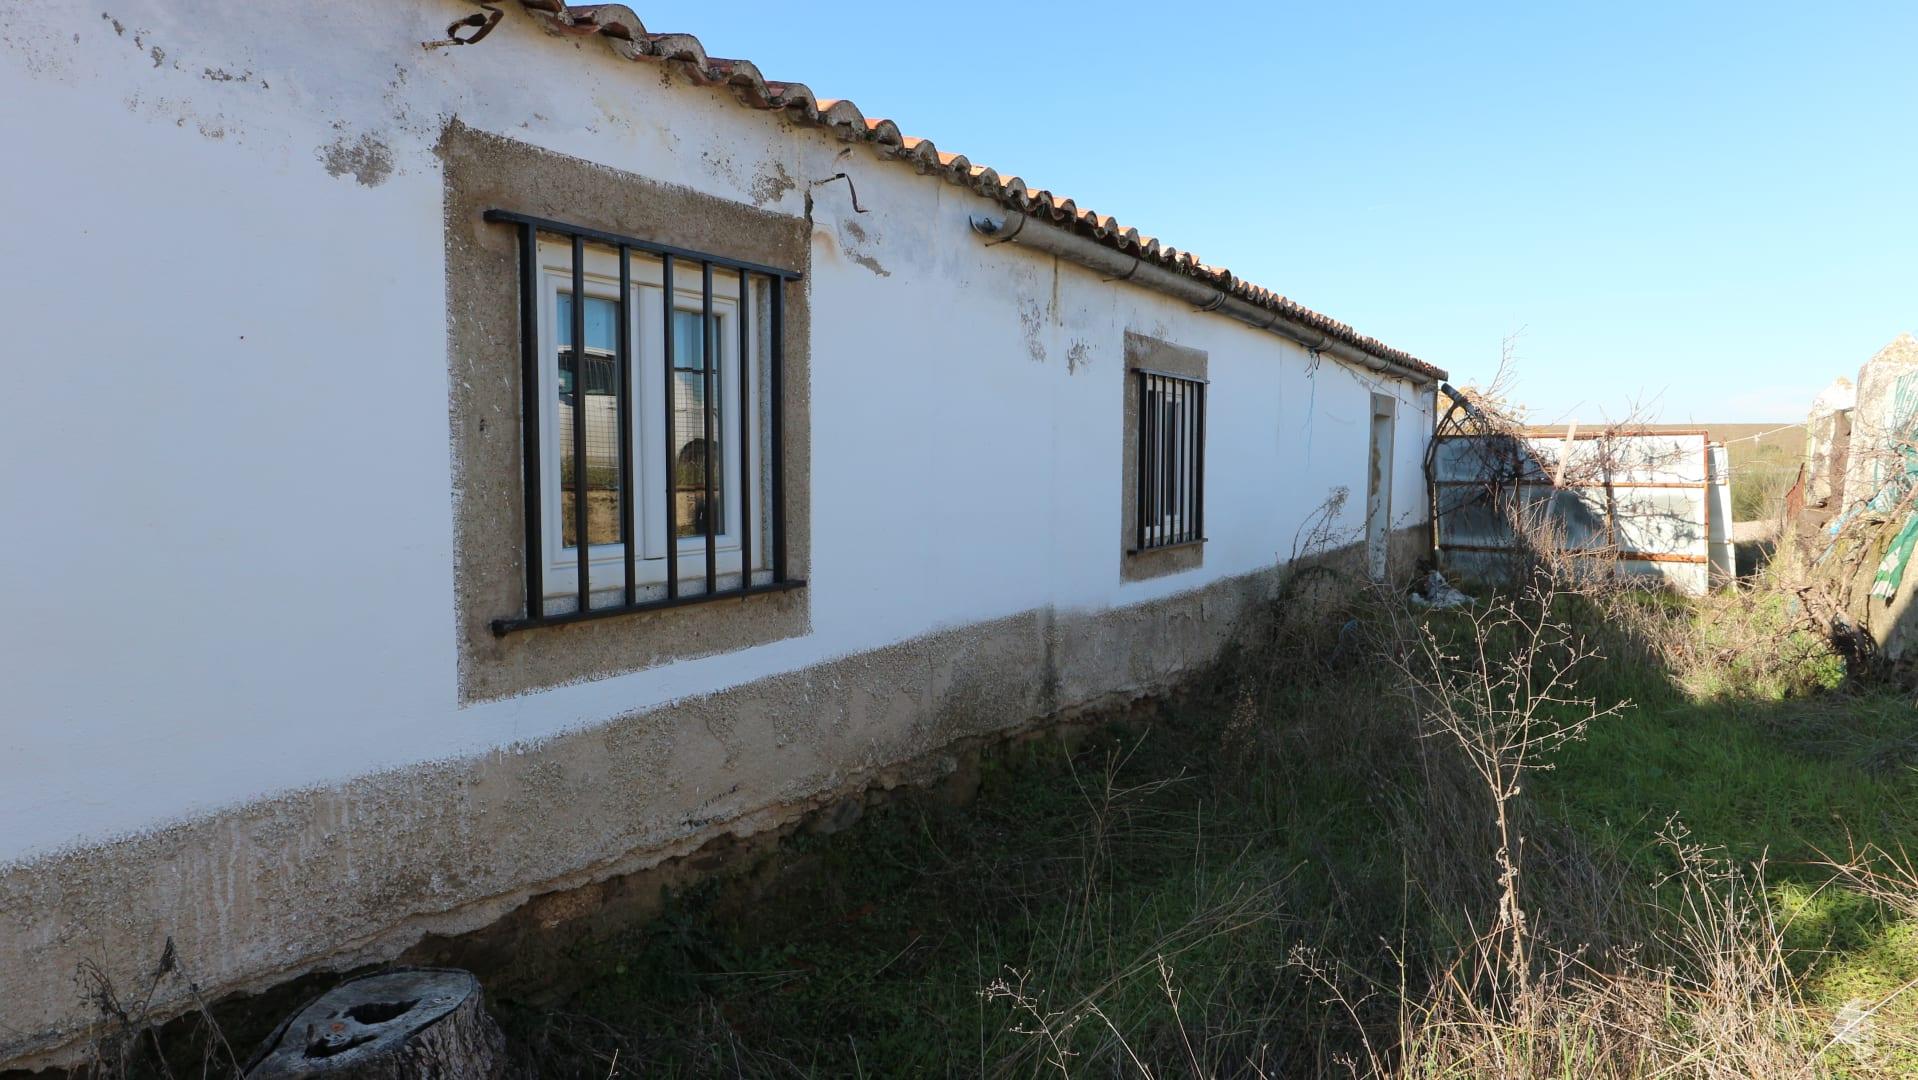 Casa en venta en Trujillo, Trujillo, Cáceres, Calle Dehesa Albuera, 28.688 €, 2 habitaciones, 1 baño, 70 m2